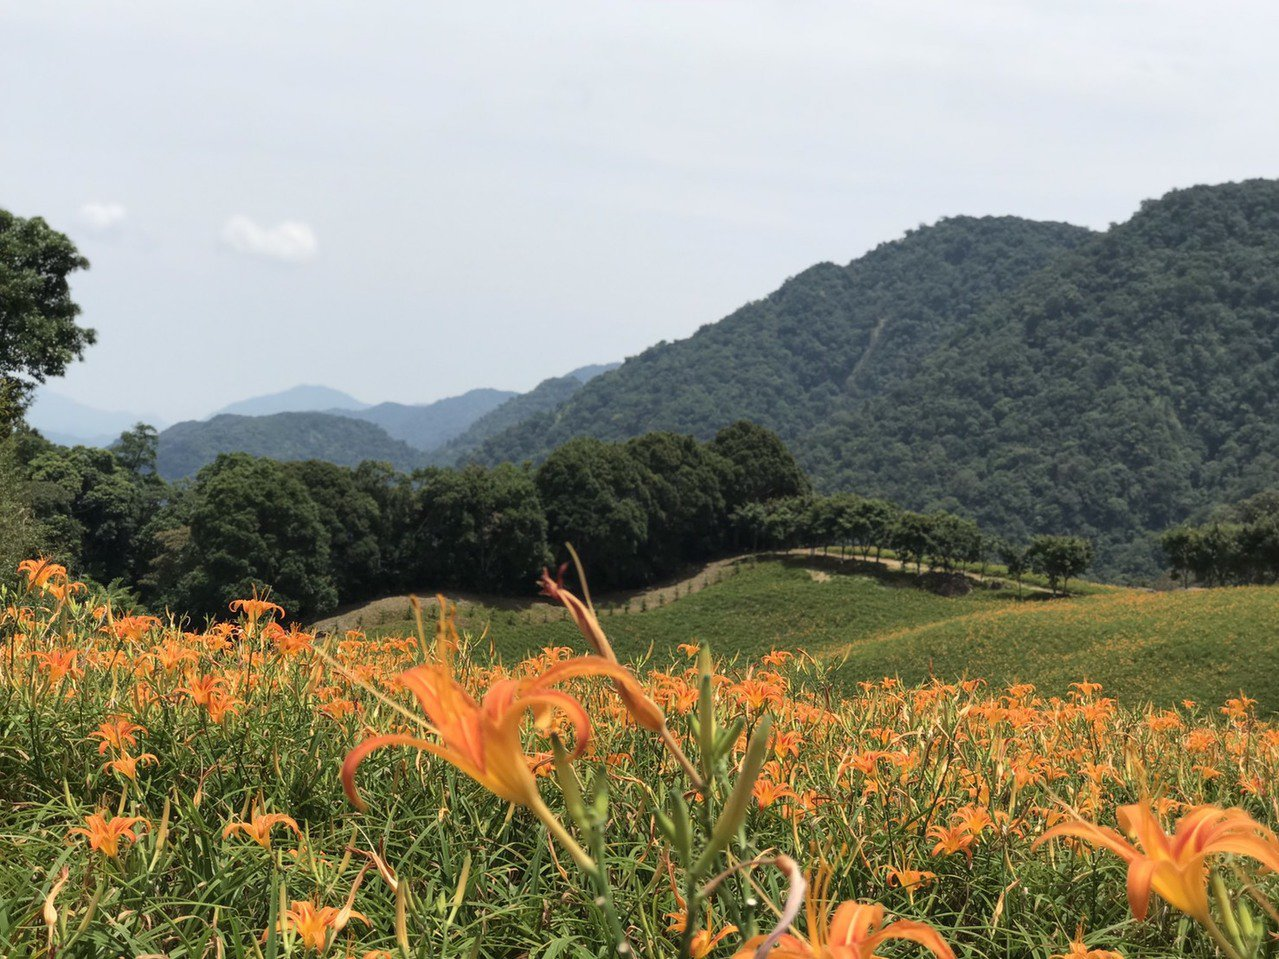 花蓮赤科山的金針花,以往到8月中旬就會出現滿開盛況,但今年至今僅開5成,預計20...